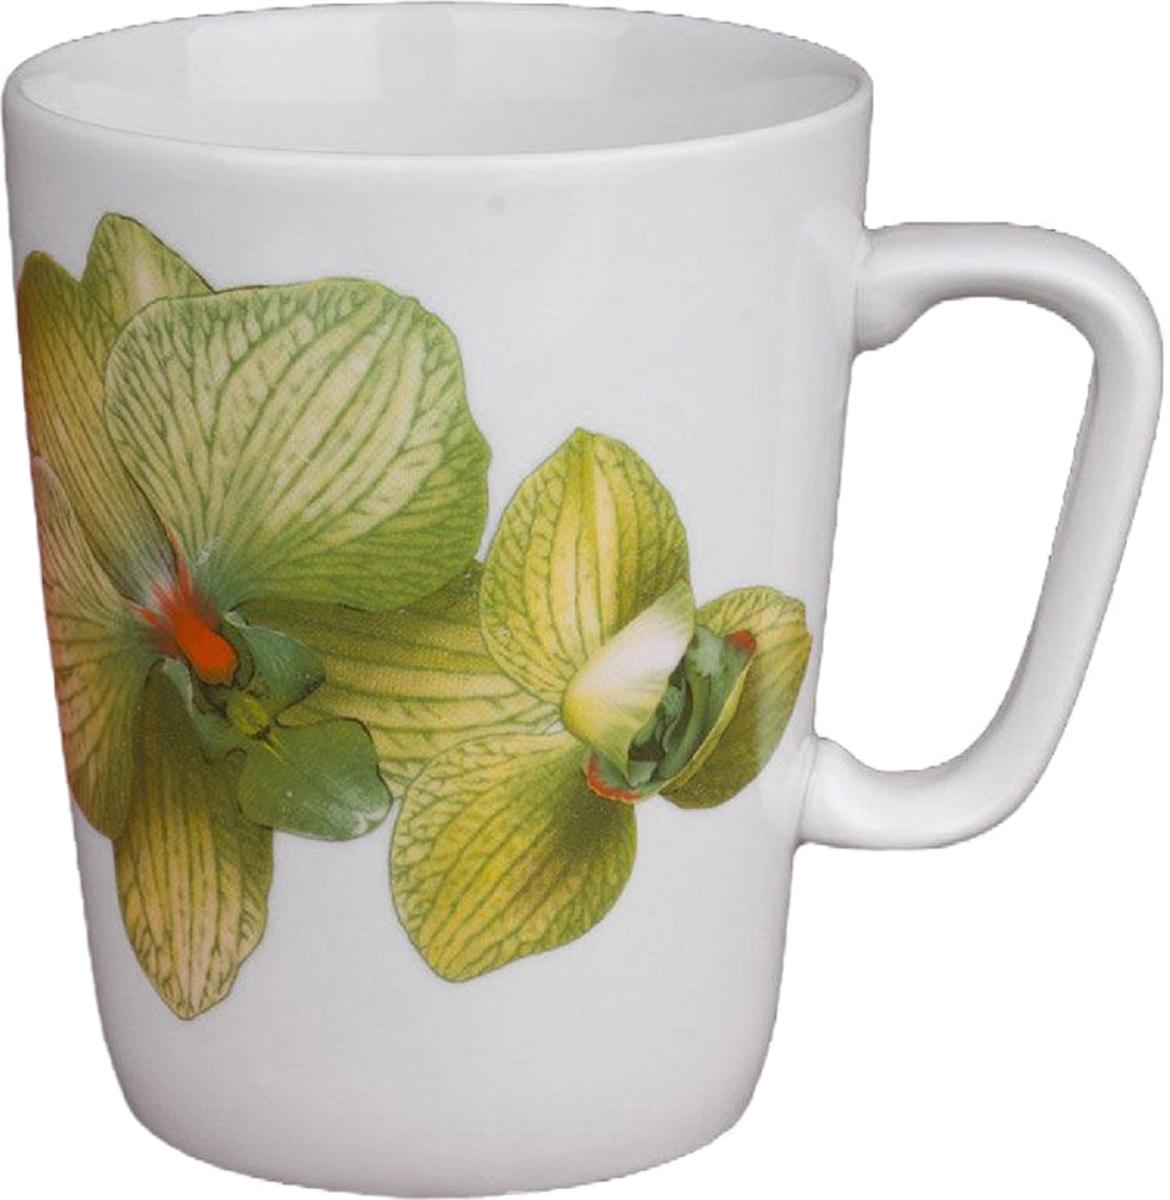 Кружка Дулевский Фарфор Конус. Орхидея, цвет: зеленый, 350 мл кружка мини сувенирная 20мл фарфор